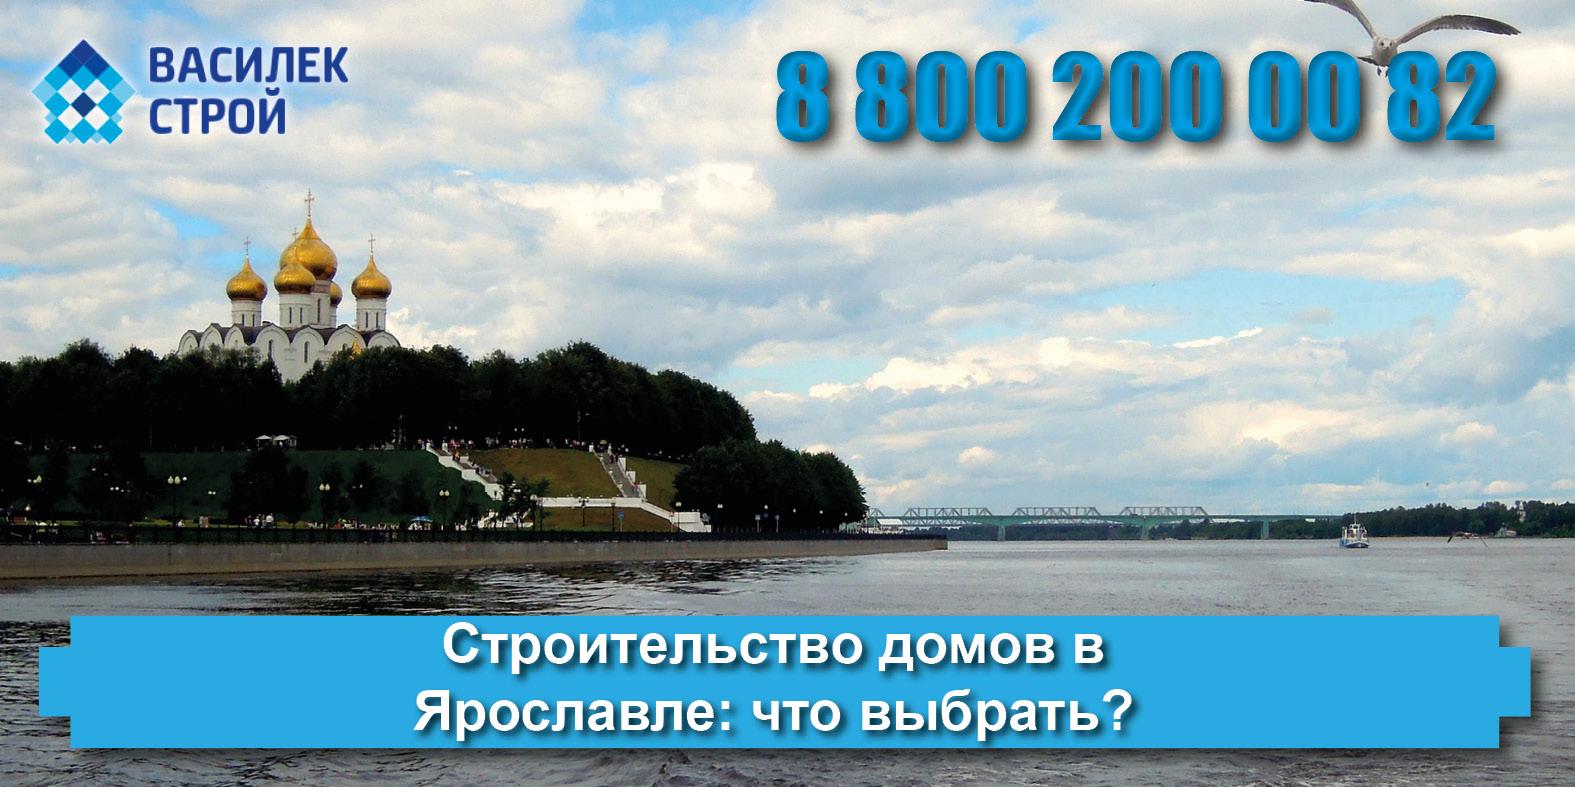 Строительство домов в Ярославле: что выбрать?